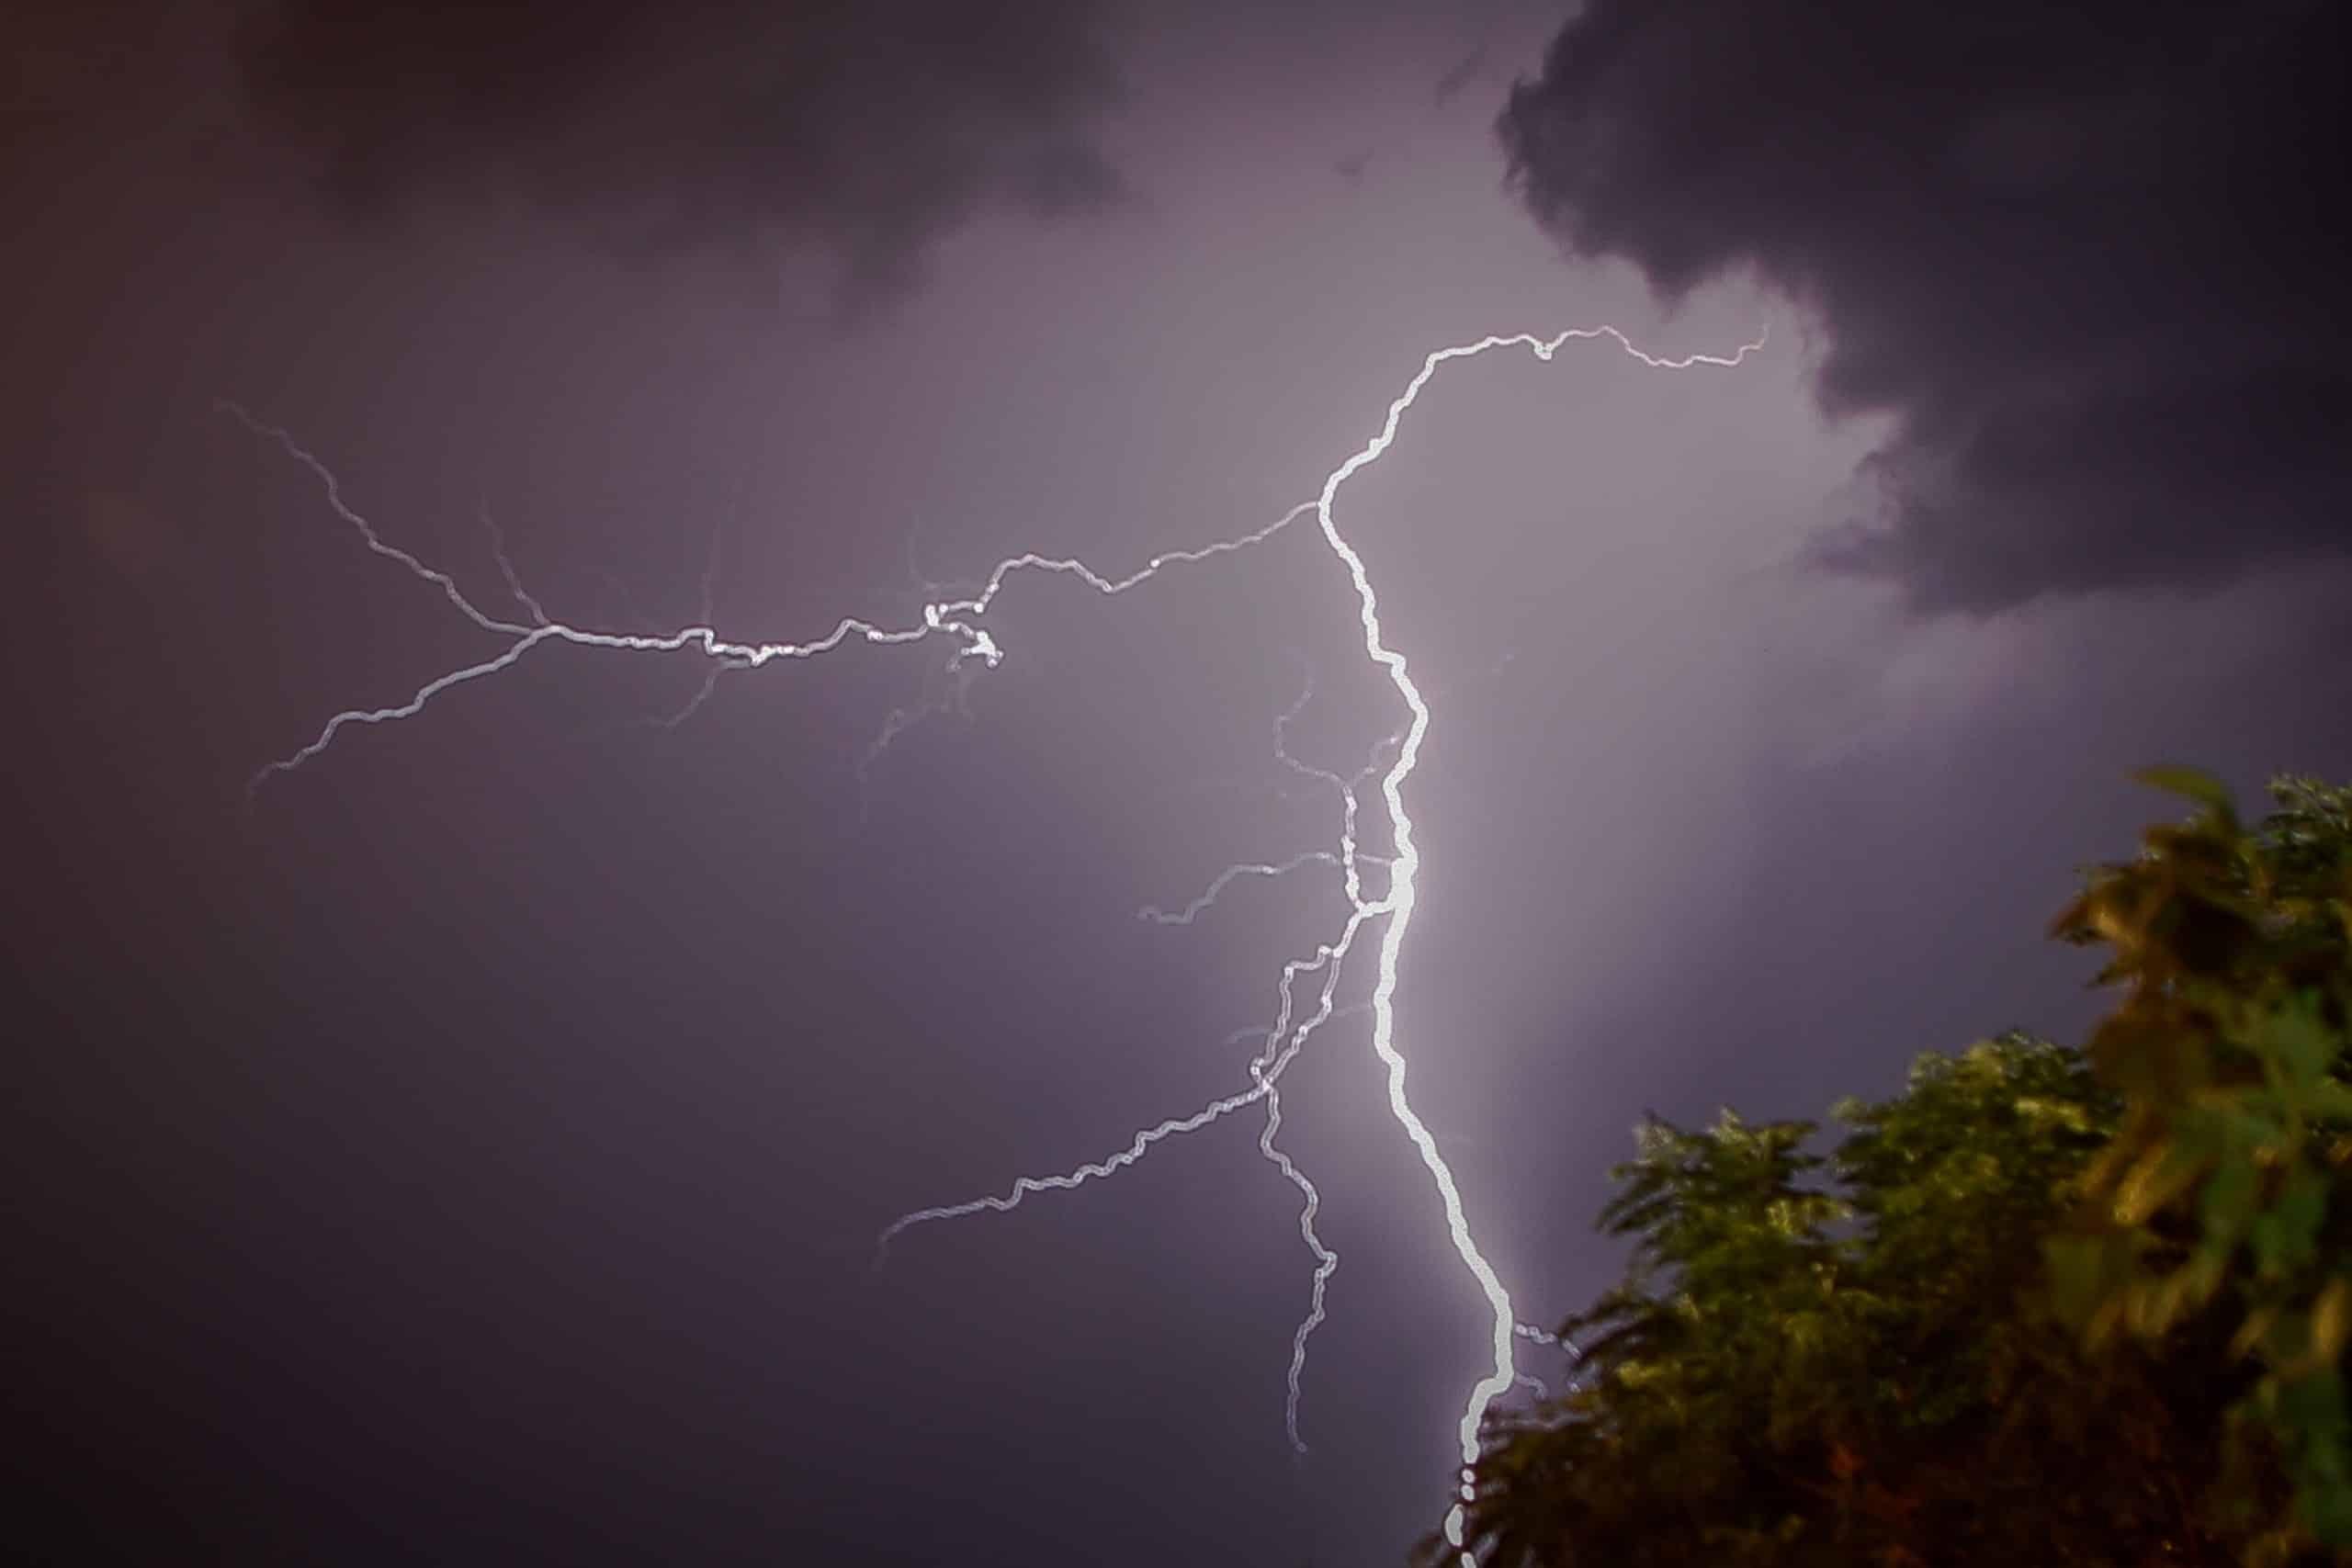 Καιρός: Ισχυρή καταιγίδα εκδηλώνεται αυτές τις ώρες στην Αττική και ήδη βρέχει καταρρακτωδώς στο κέντρο της Αθήνας. Ιανός: Έκτακτη ανάγκη σε Ηλεία, Ζάκυνθο, Κεφαλονιά και Ιθάκη Καταιγίδες ΤΩΡΑ στην Αττική - Πρόγνωση Καιρού για Τρίτη 26 Μαϊου Καιρός 24 Νοεμβρίου- Έκτακτο δελτίο Πρόγνωση - Κακοκαιρία Γηρυόνης Πού χτυπάει - Η πρόγνωση της υπηρεσίας Meteo